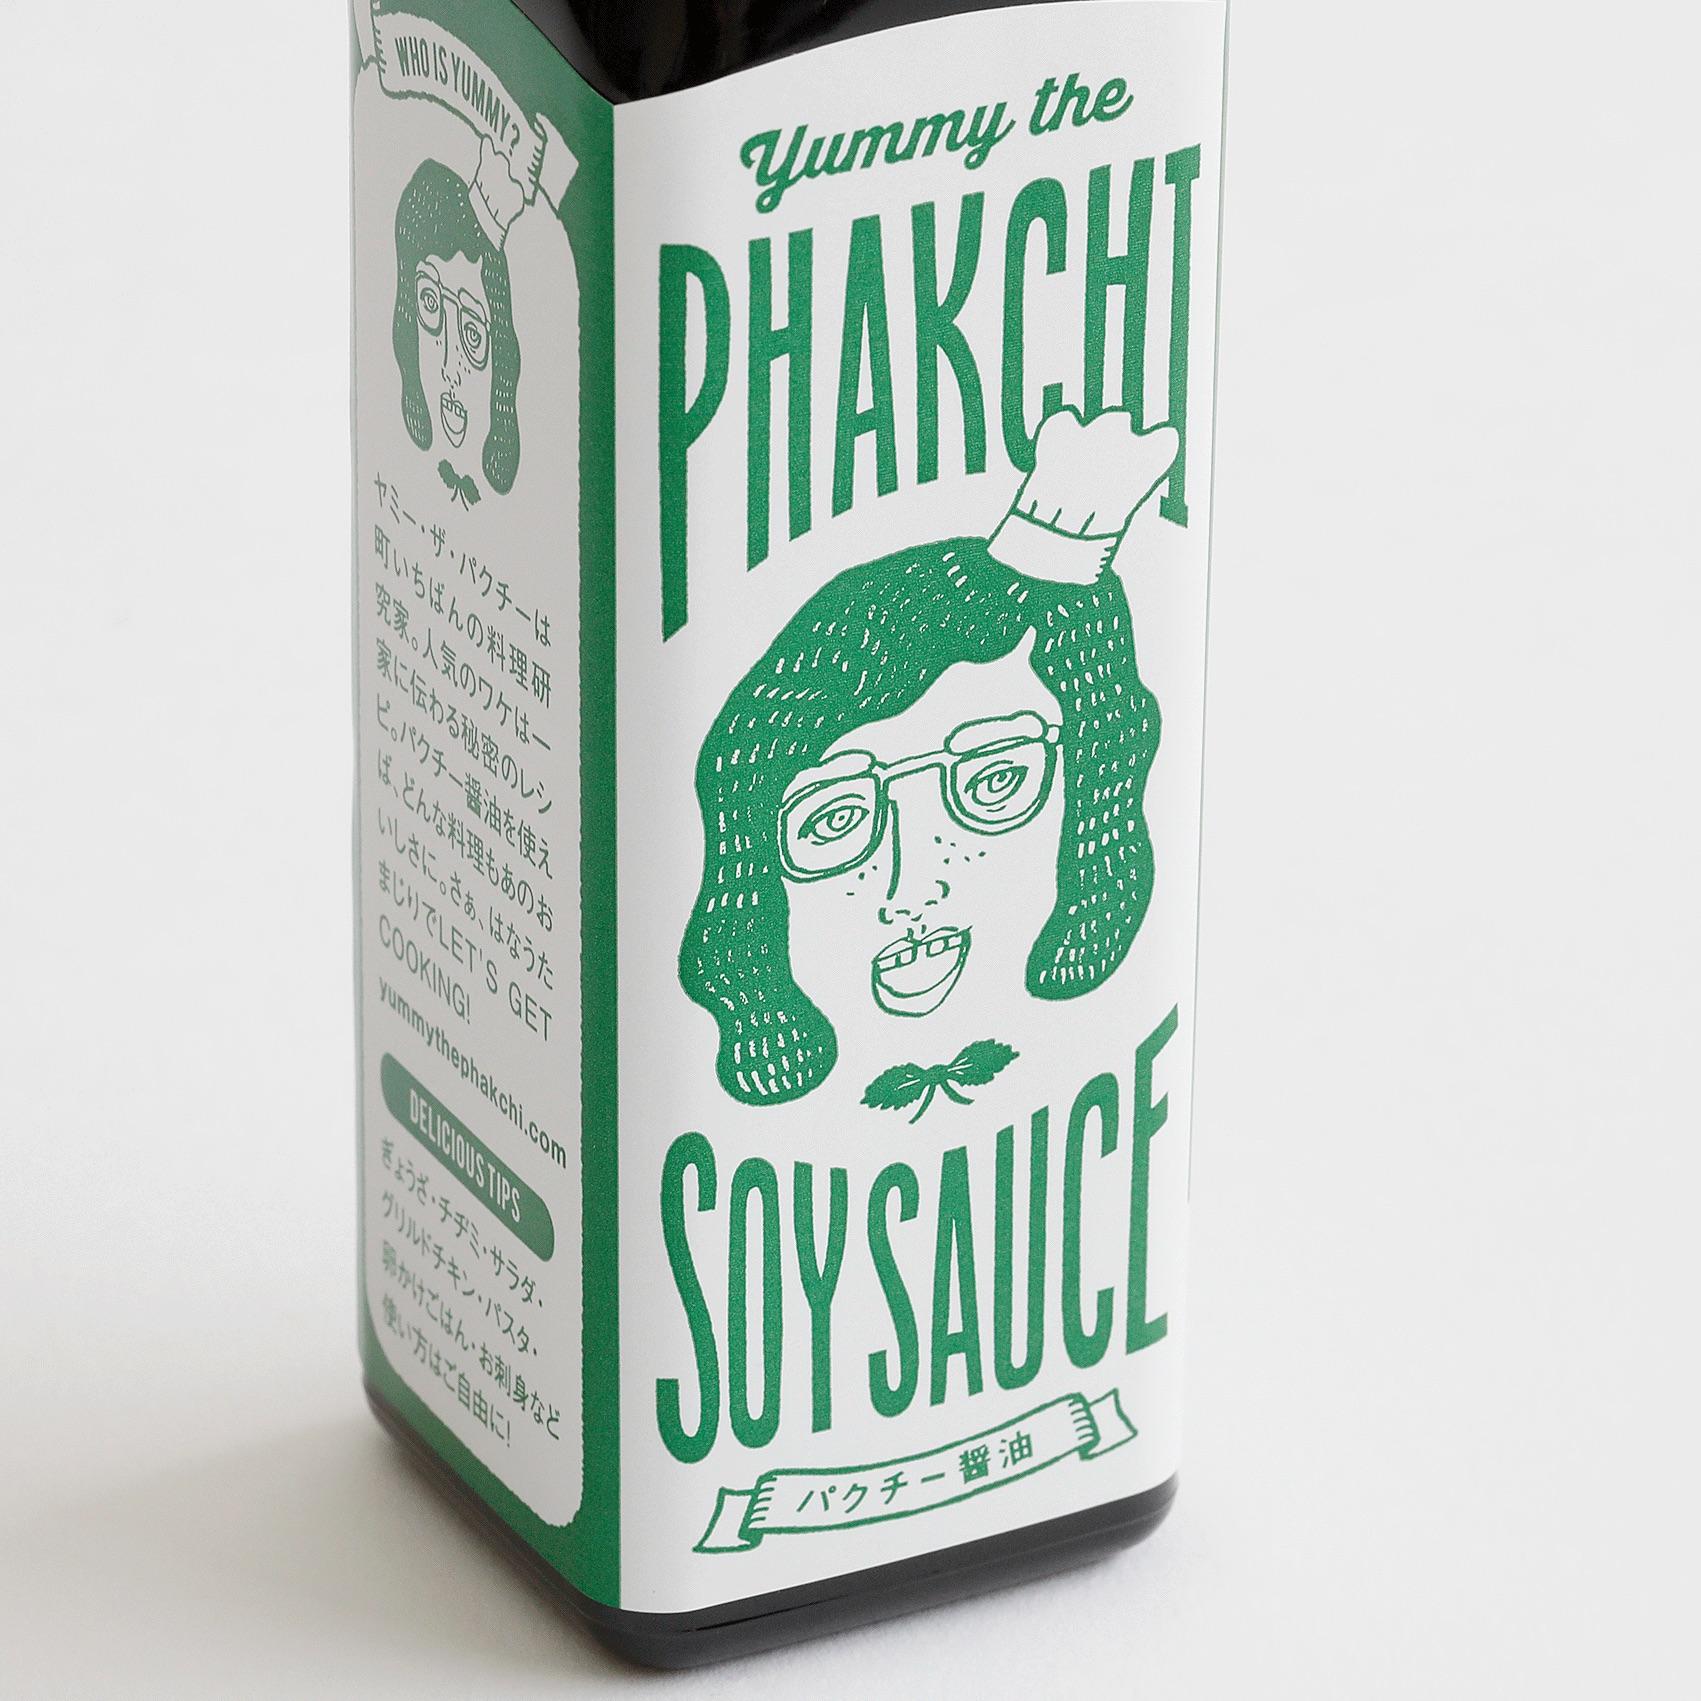 パッケージに描かれているのは、アニーという17歳の料理研究家とのこと。